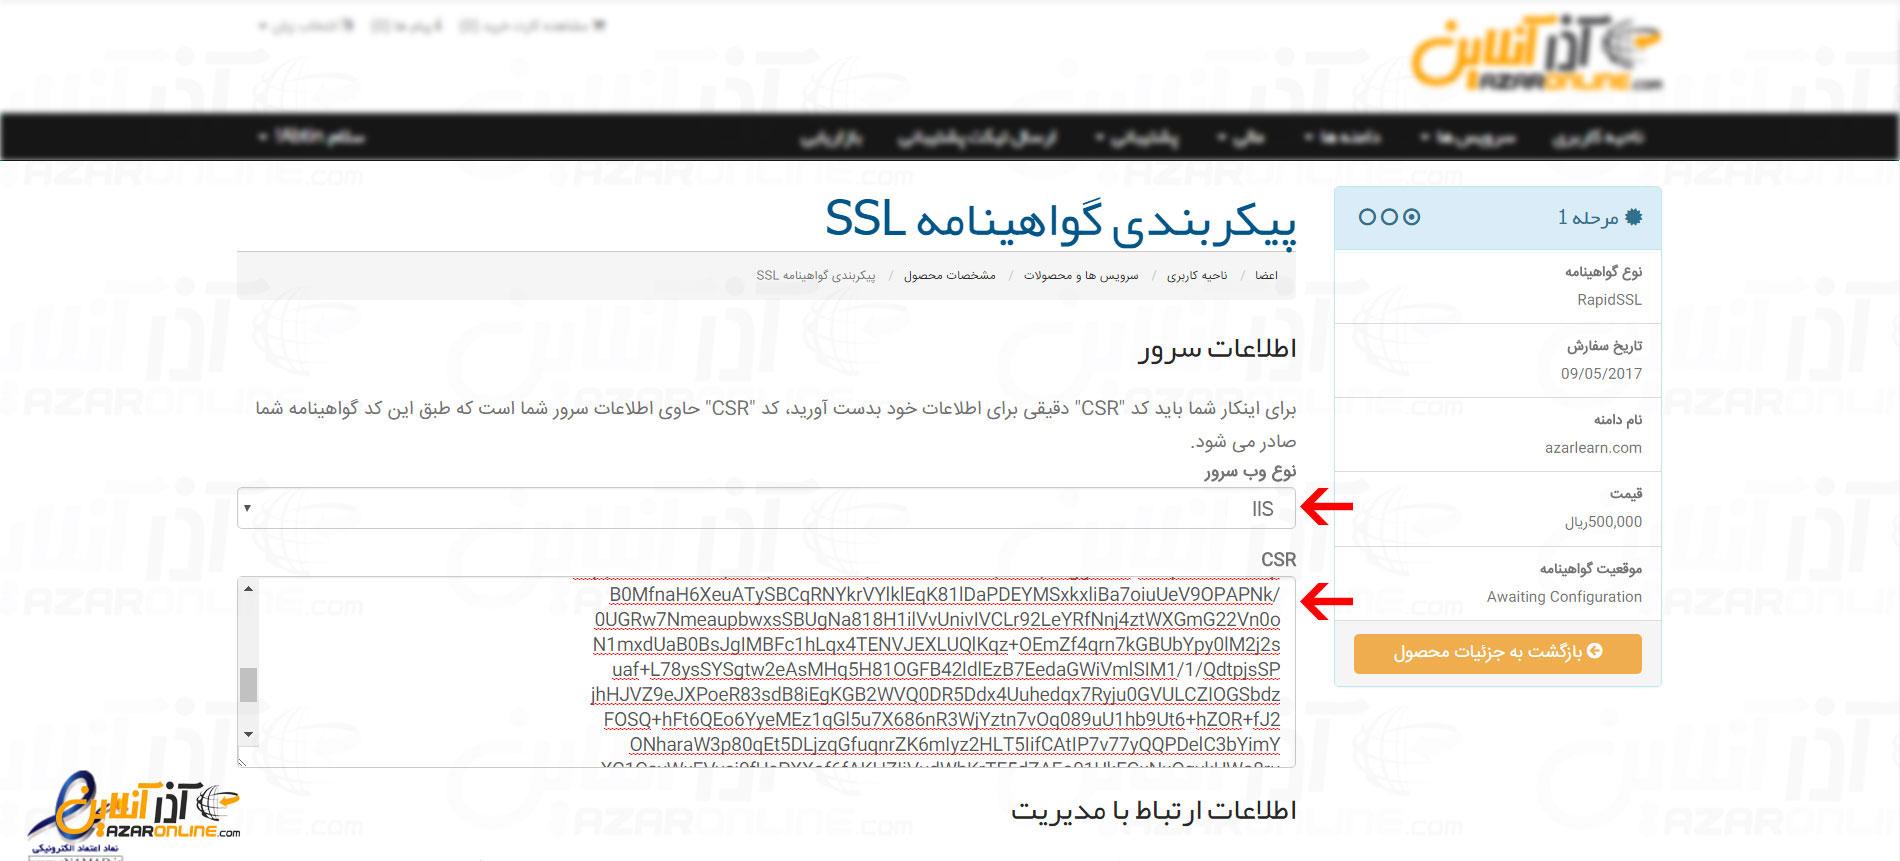 انتخاب سرویس و وارد کردن کد CSR